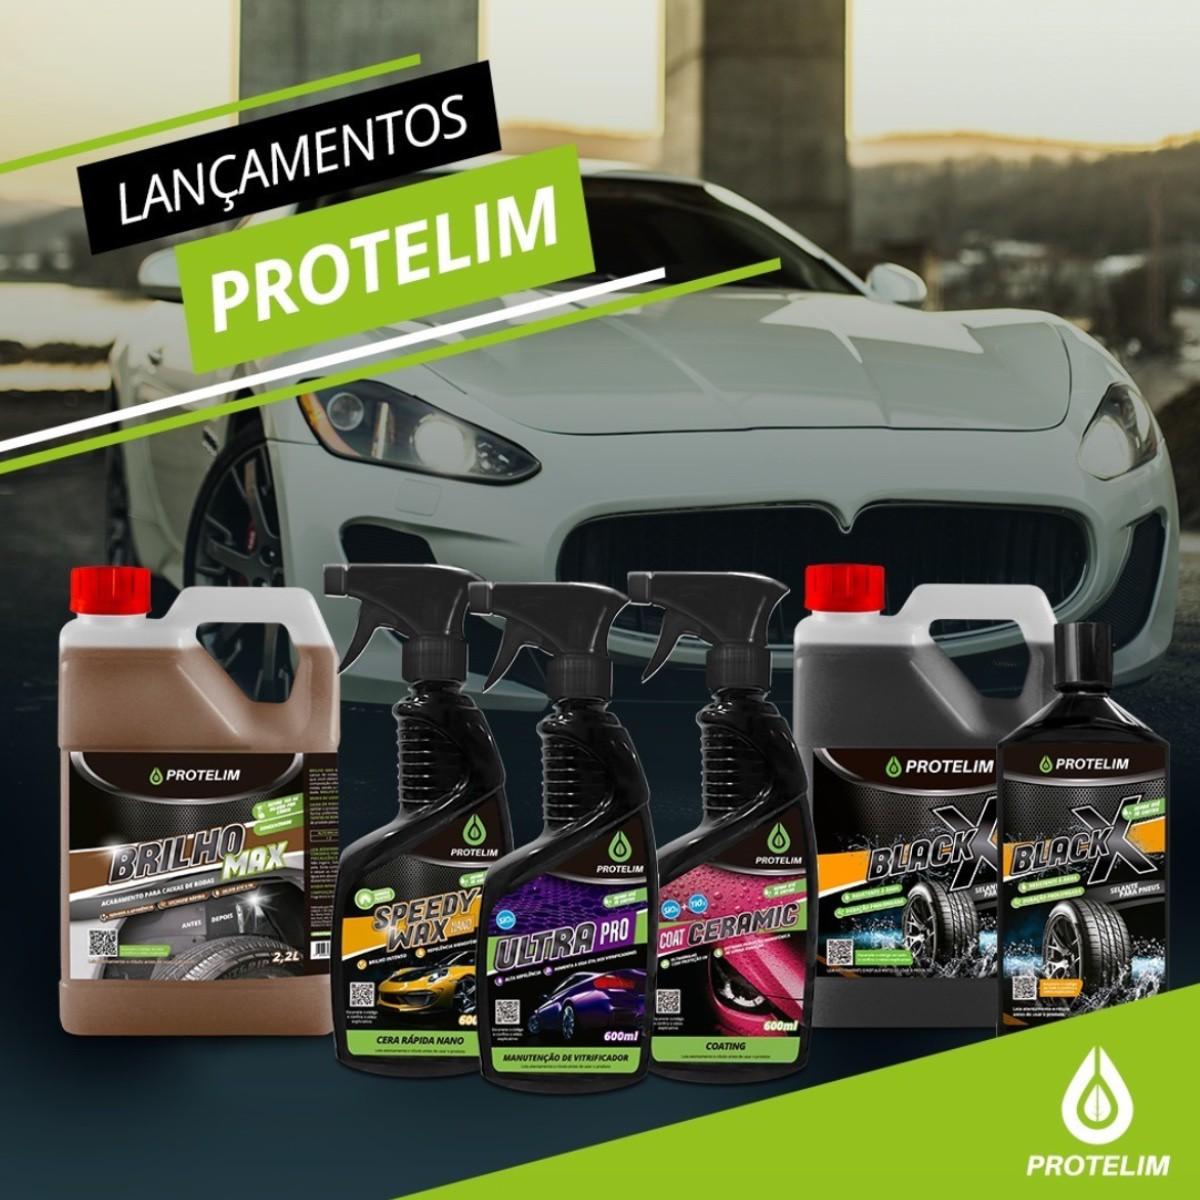 Kit Limpeza Acabamento - Prot Mult 200 1L + Brilho Max 5L